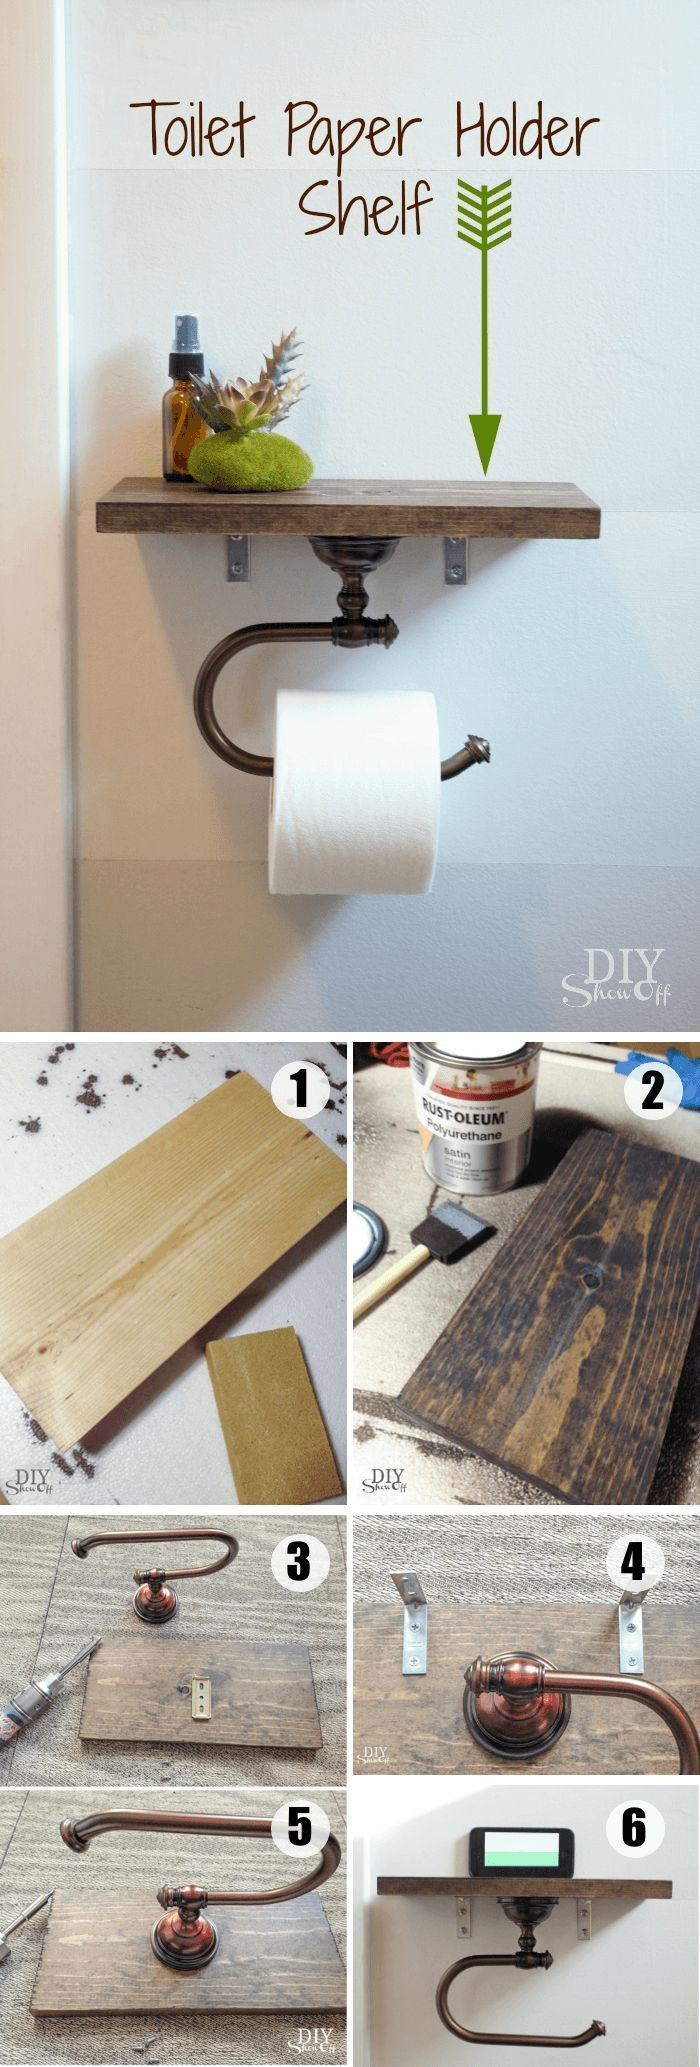 Rustikale badezimmerdekorideen diy toilettenpapierhalter mit regal  nutzen sie dieses clevere und